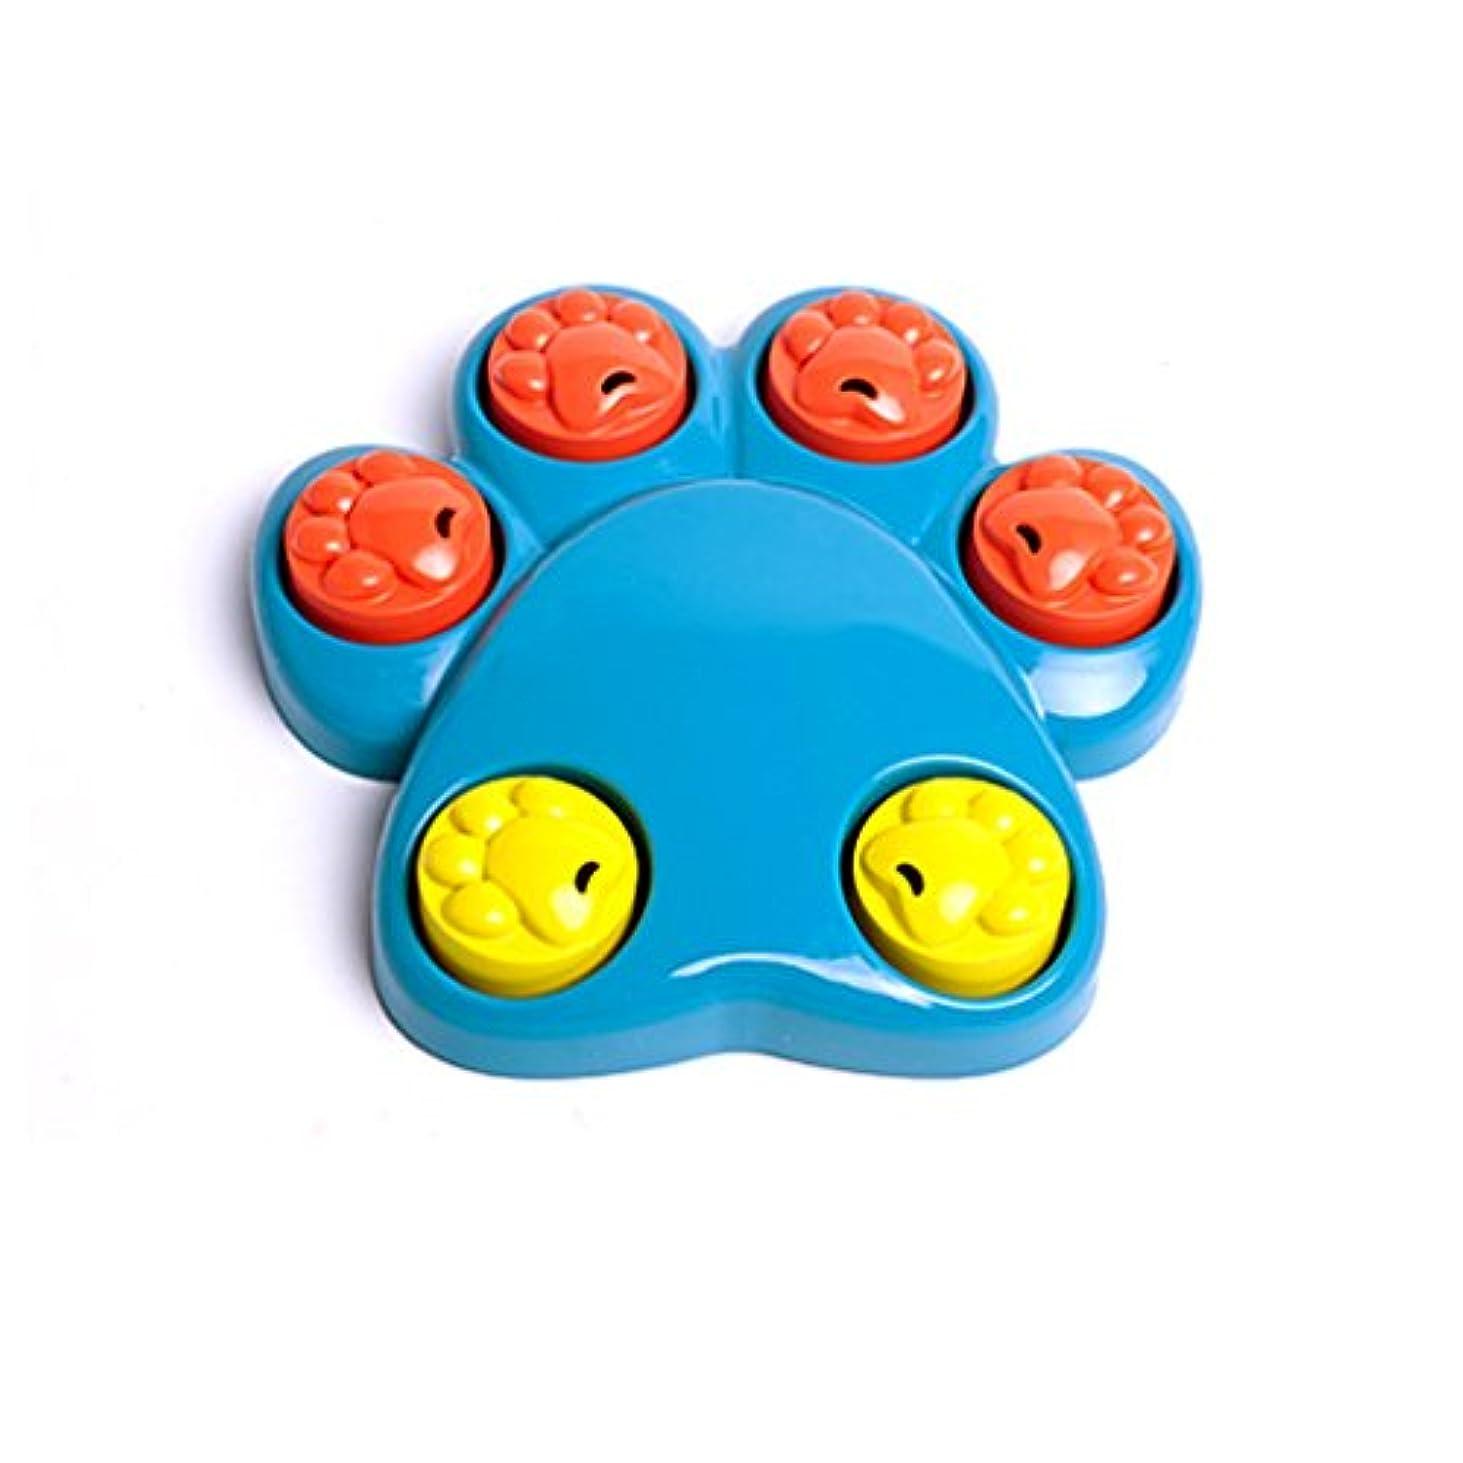 ペット知育おもちゃ 犬 餌入れ玩具 ペットおもちゃ おやつ 訓練 遊び 歯ぎしり 早や食いを防止 知恵を高め 退屈を解消 丈夫 耐久性 清潔 安全 ブルー 20.5*20.5CM